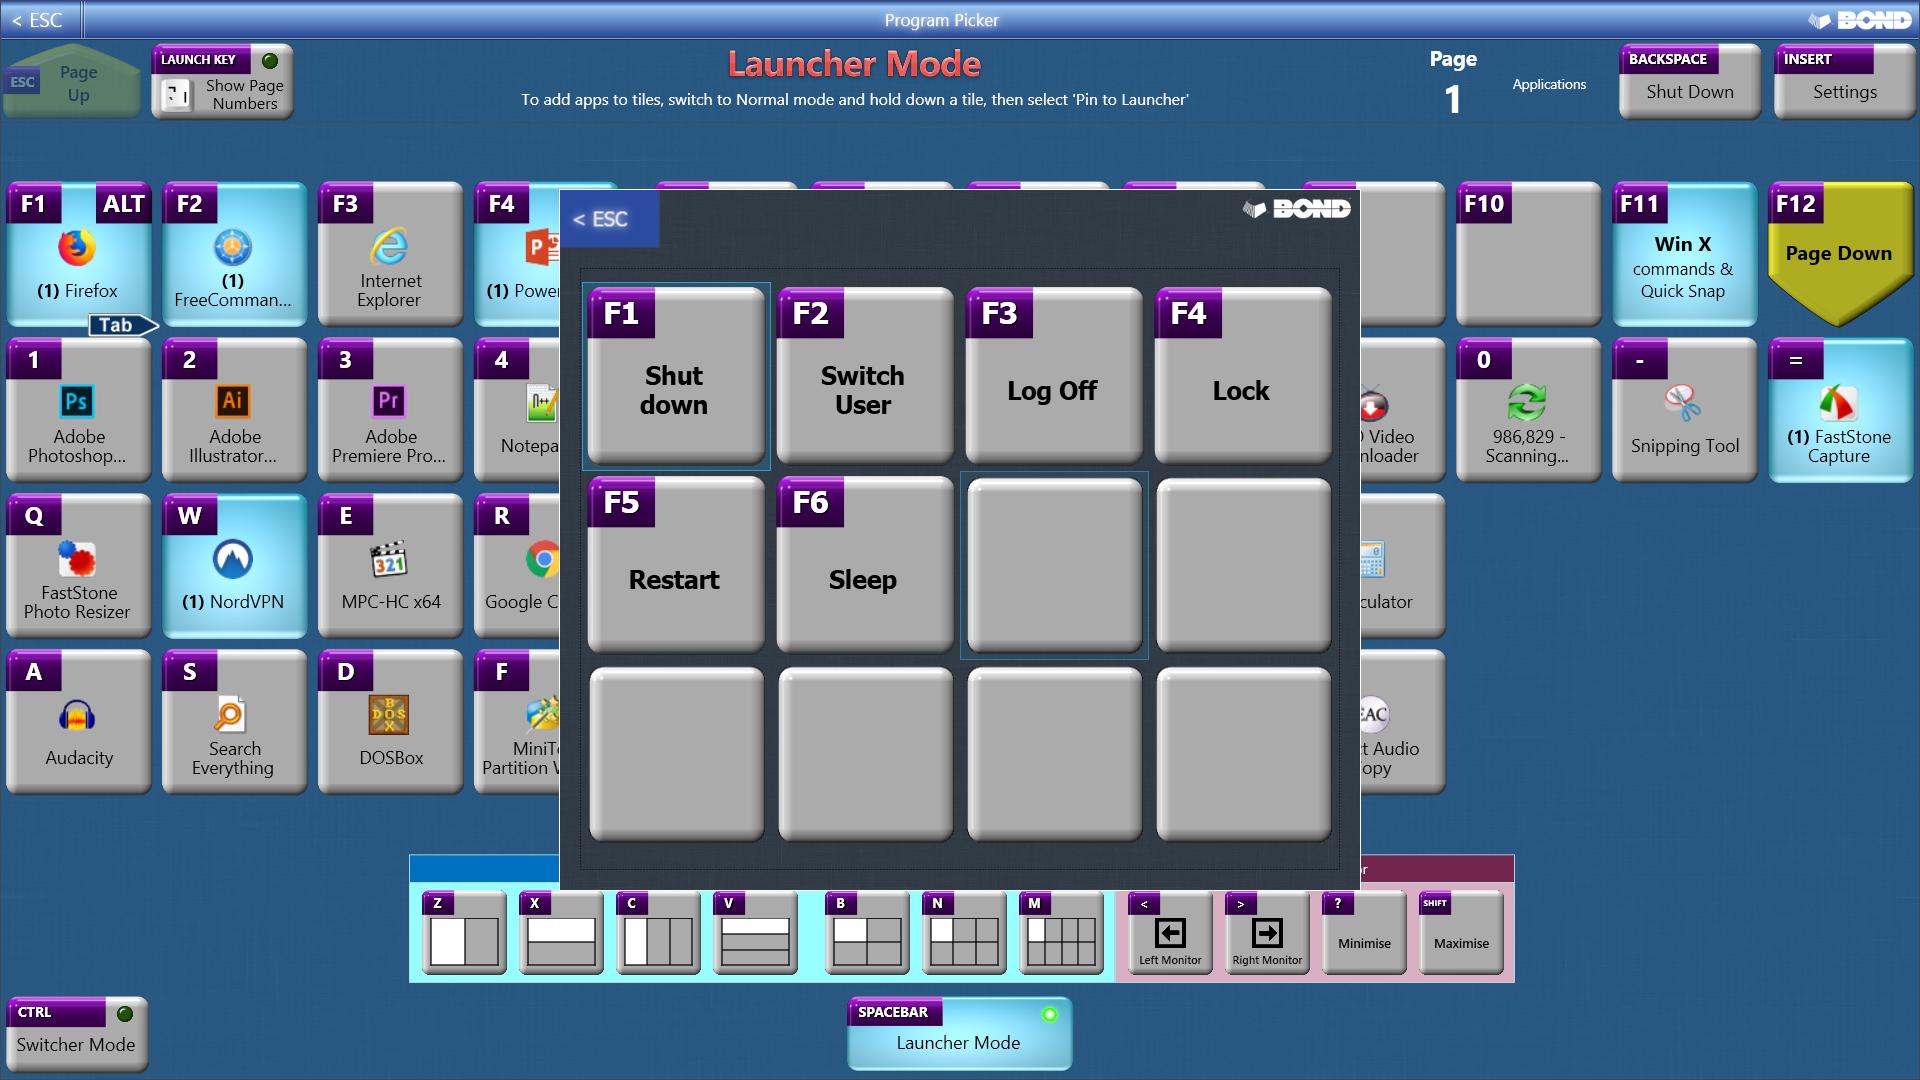 Desktop Customization Software, Program Picker Screenshot